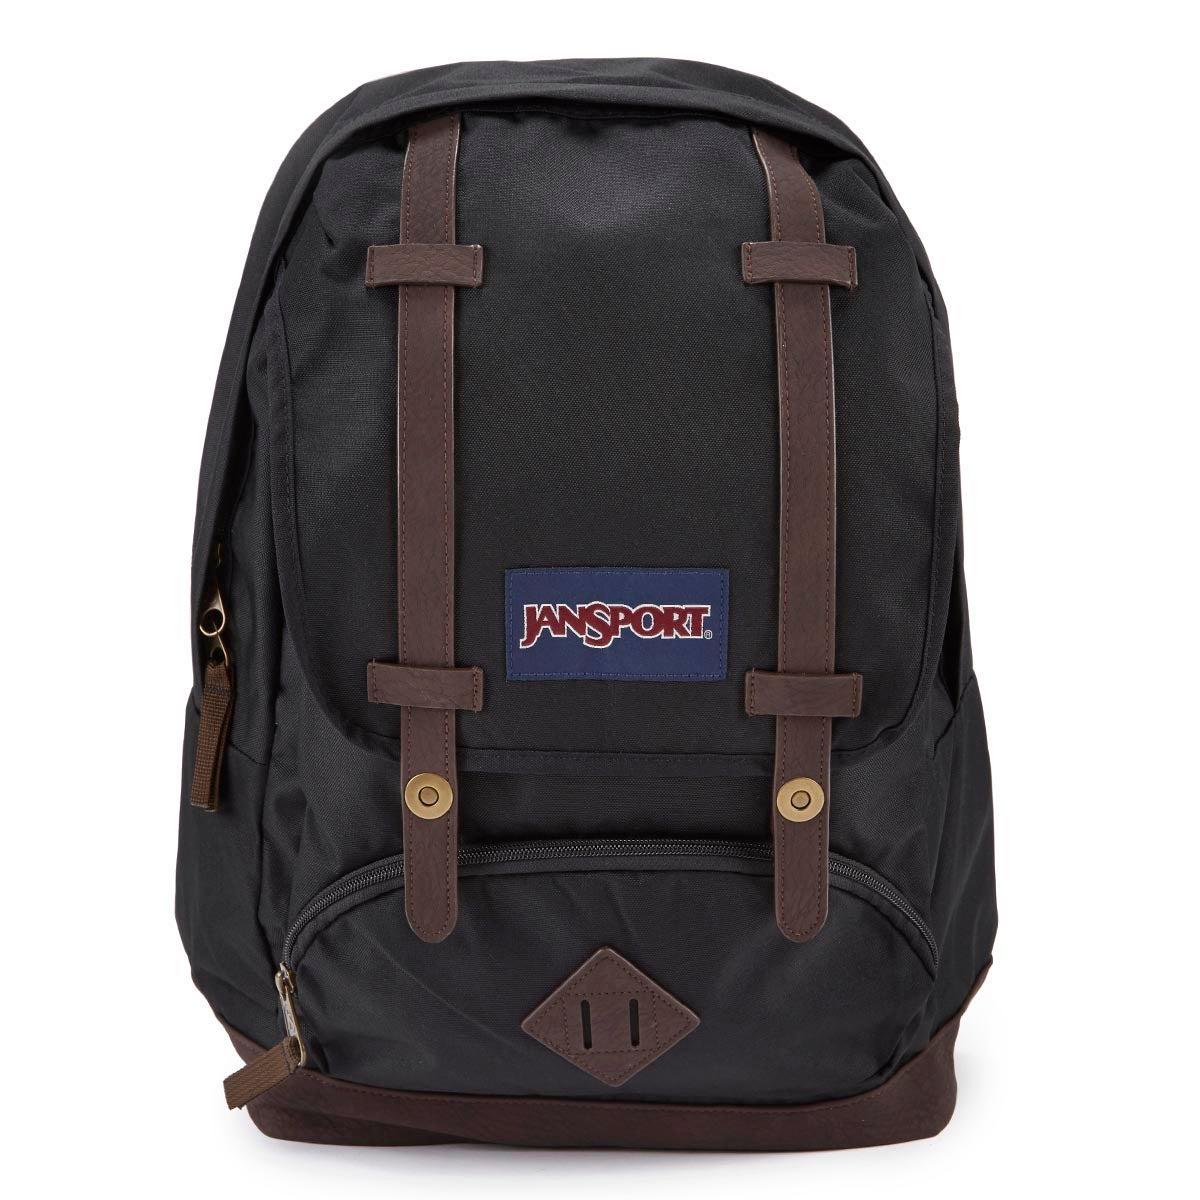 Jansport Cortlandt black backpack